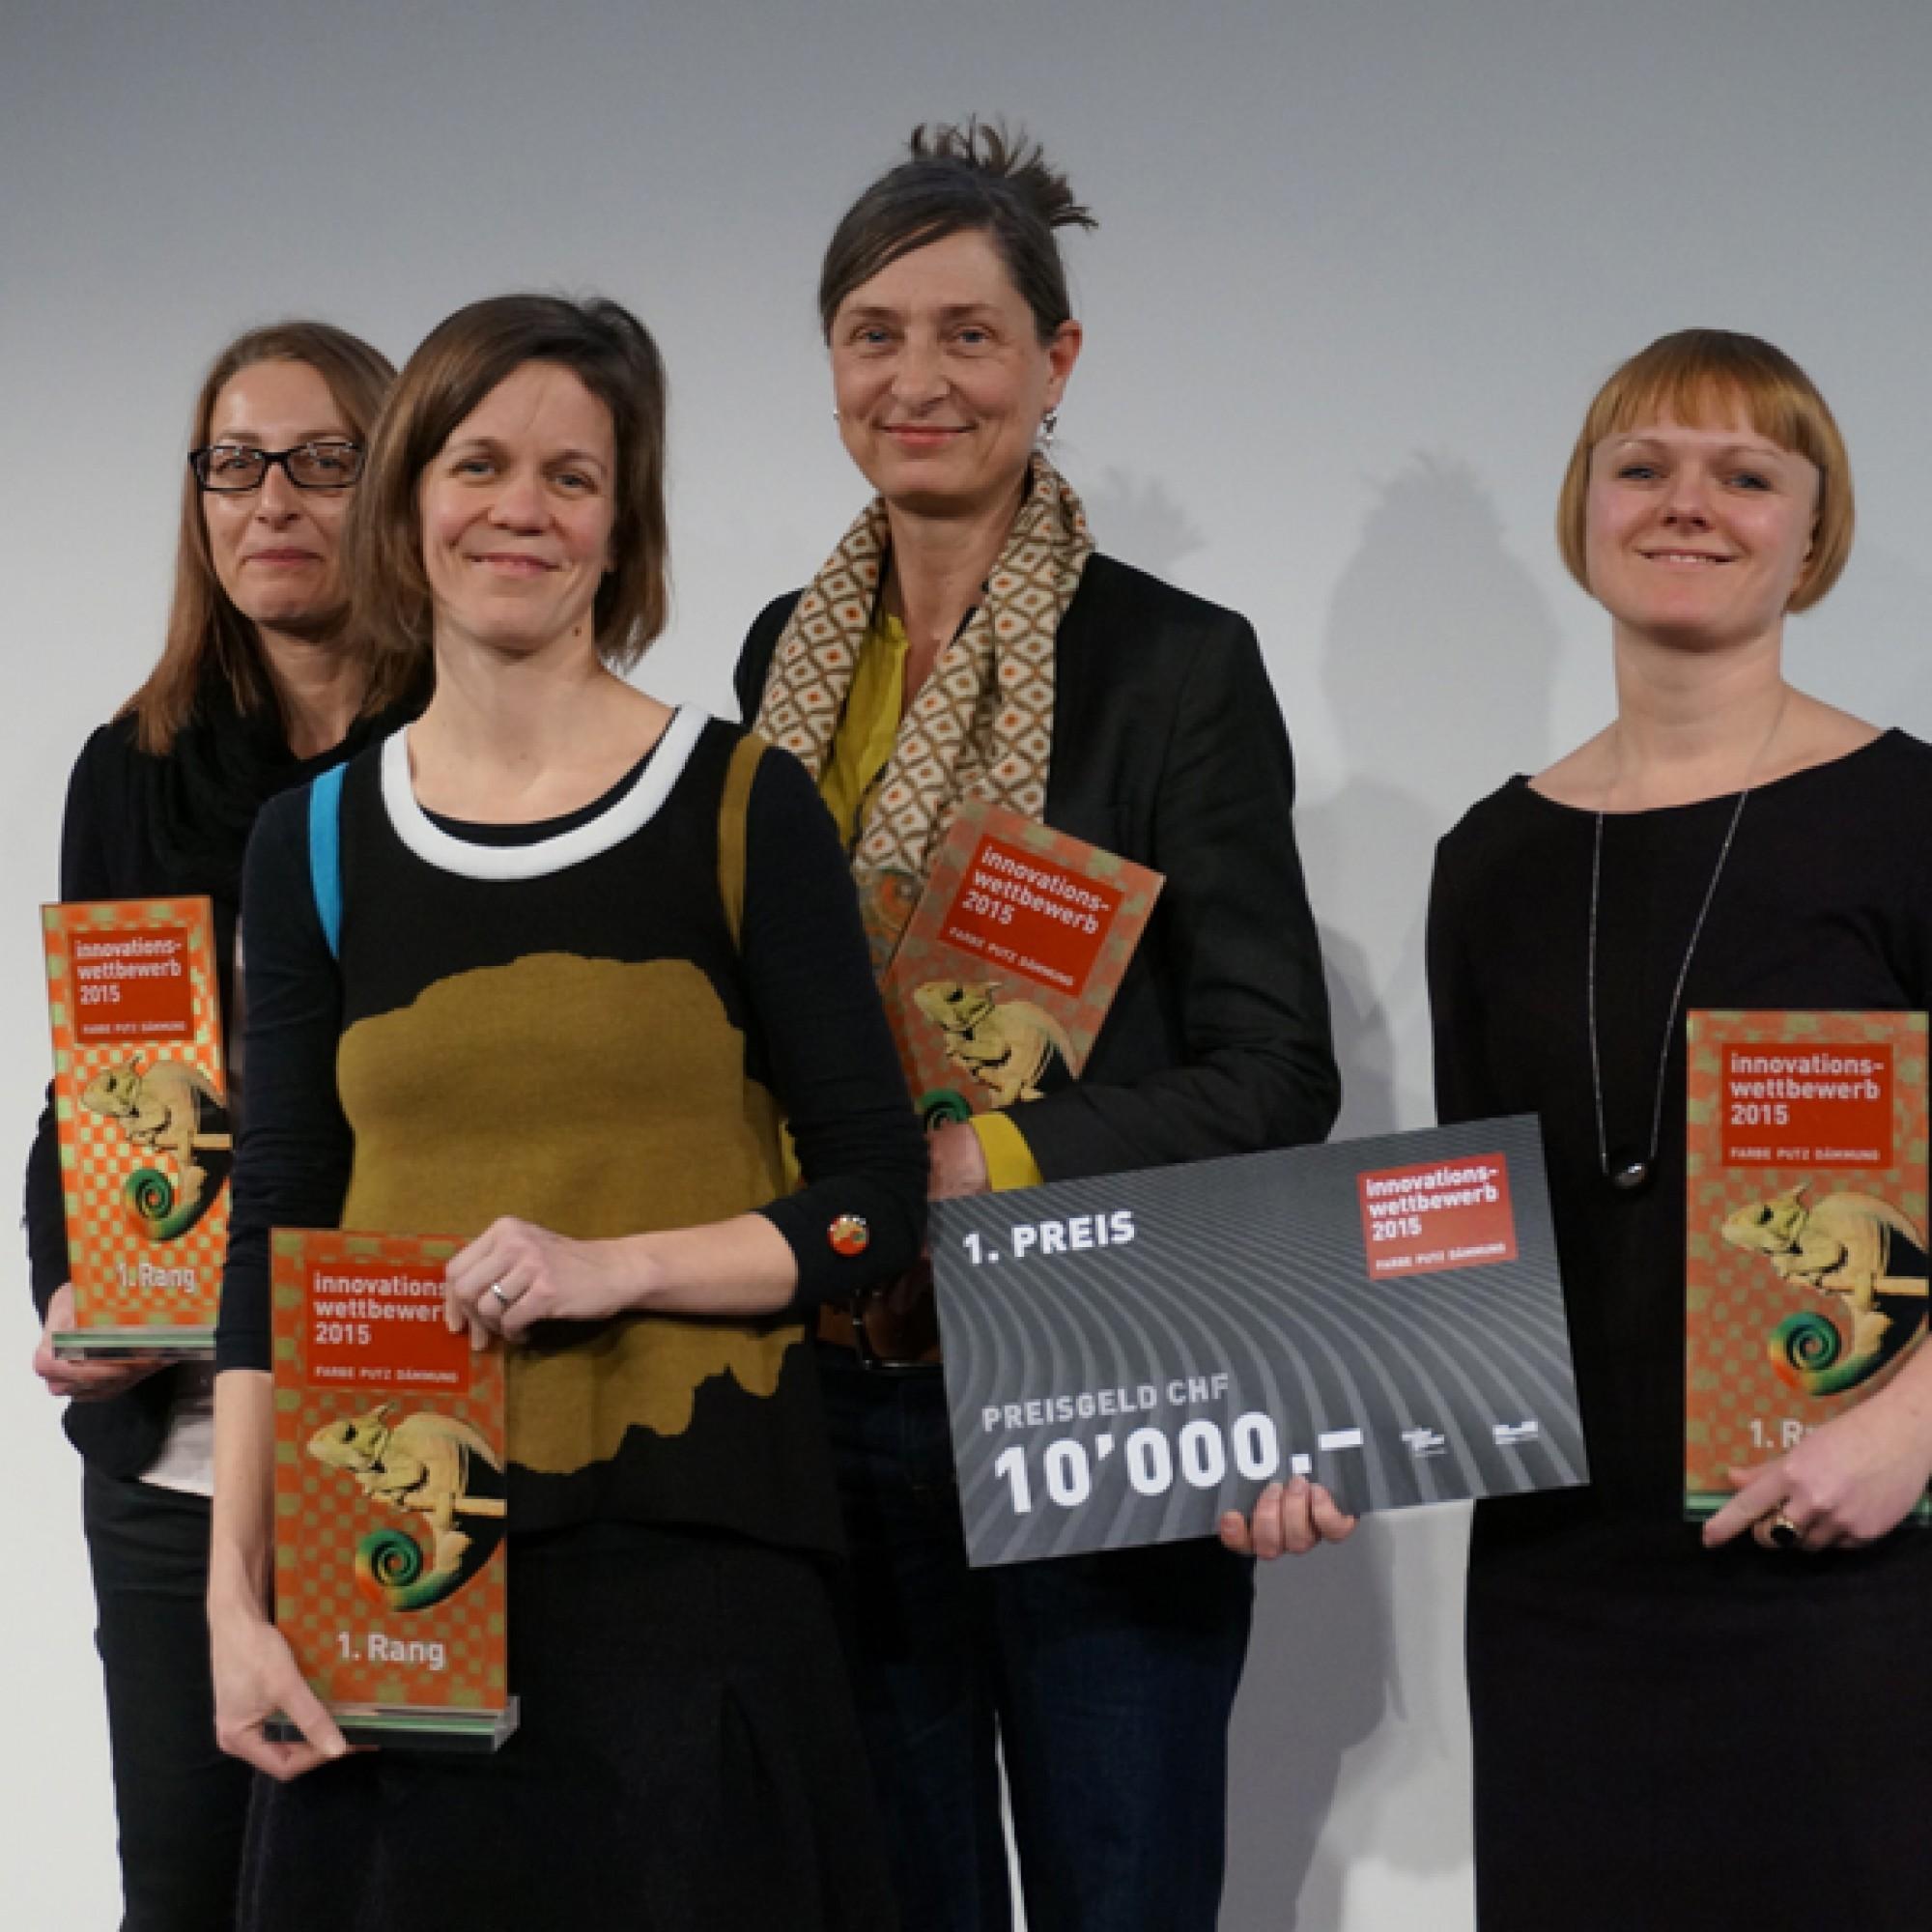 Mit Frauenpower zum Erfolg: die Siegerinnen des Innovationswettbewerbs. (Gabriel Diezi)